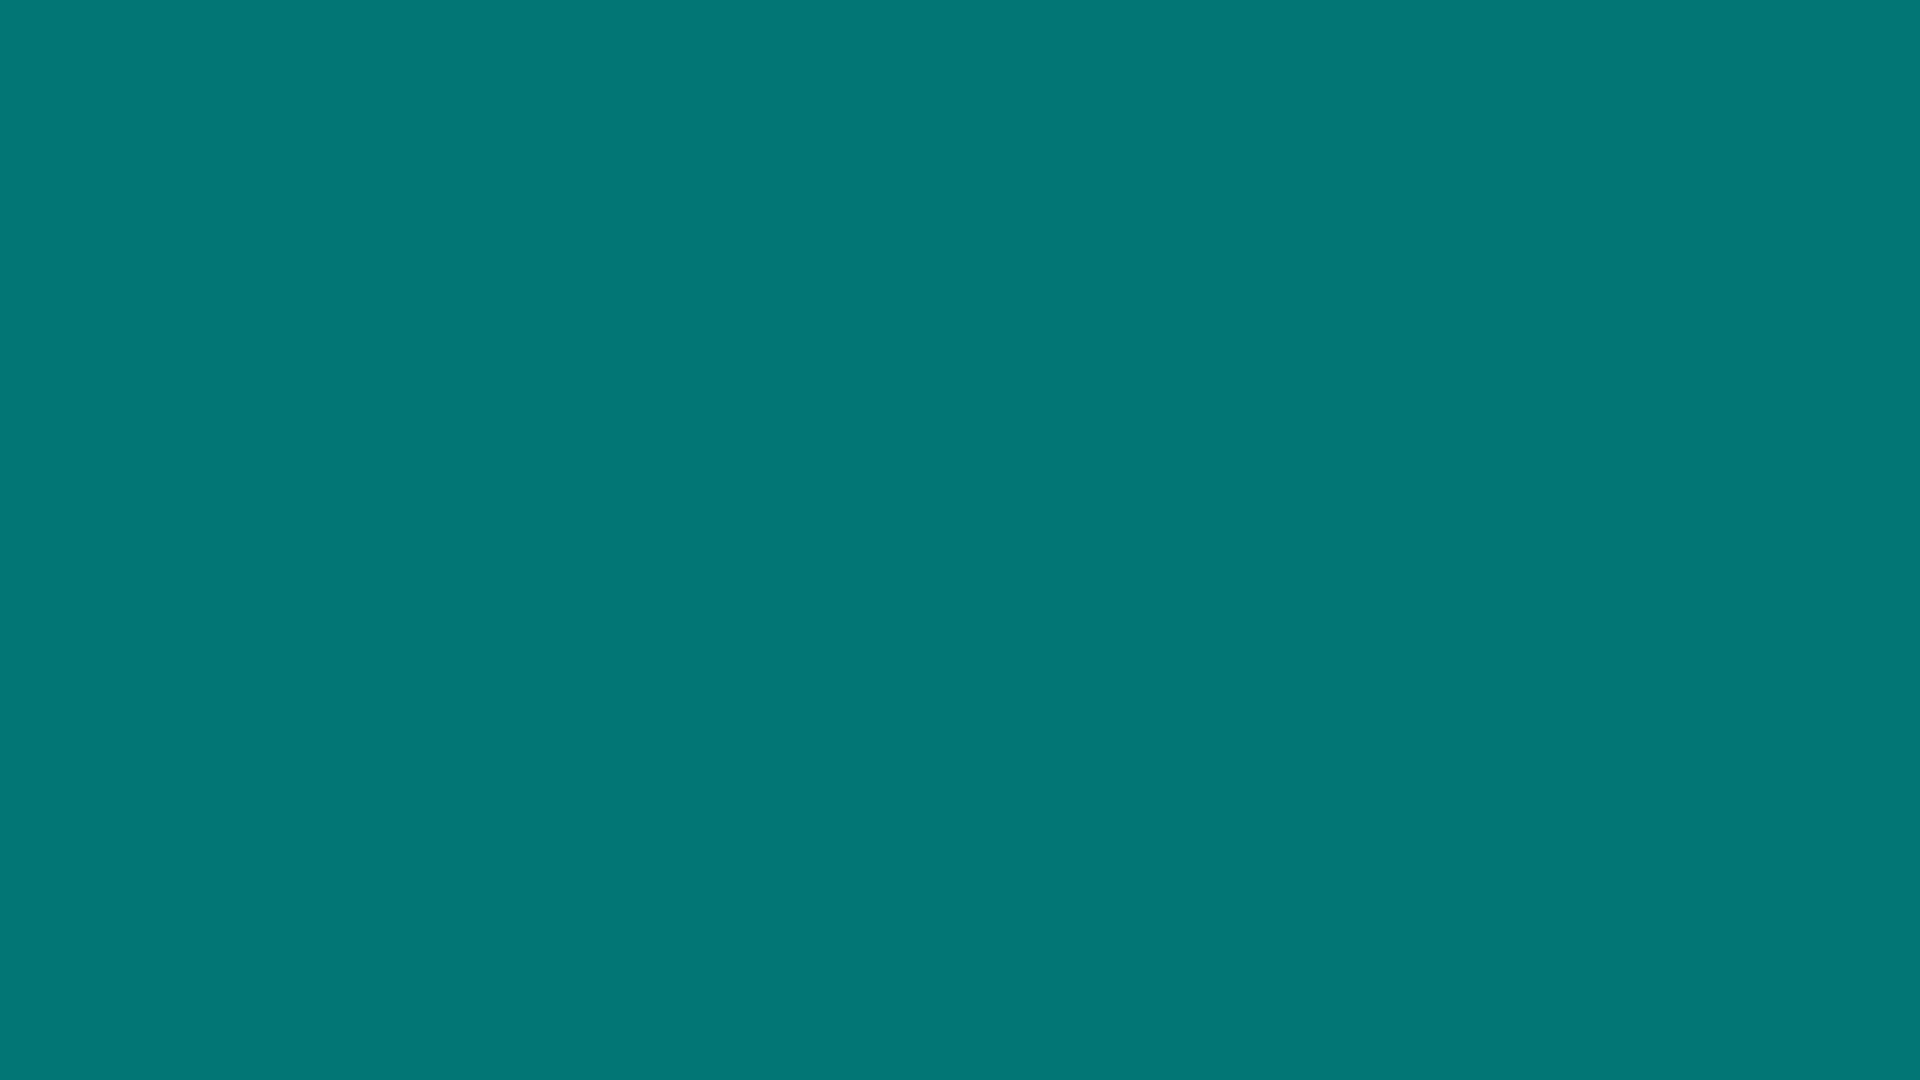 [공지] '2014년 아시아연구소 인턴 특강 시리즈' 다섯번째 강연에 초대합니다.